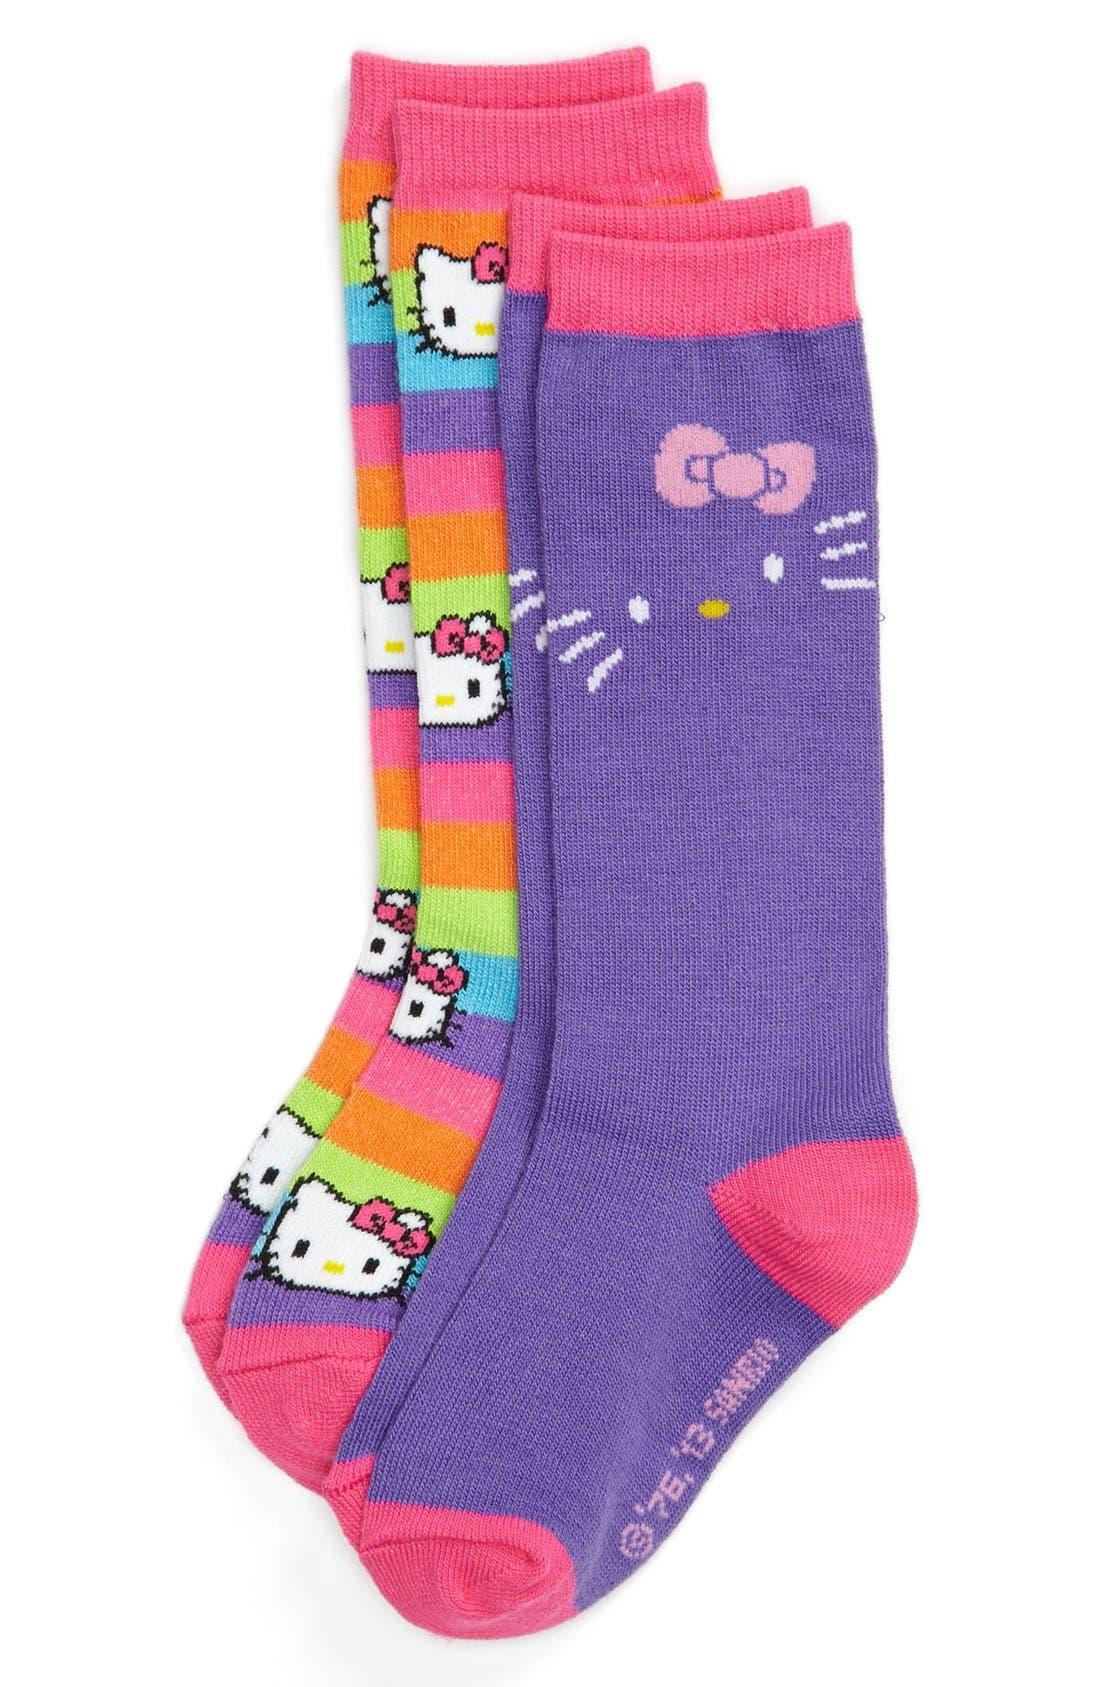 Alternate Image 1 Selected - Hello Kitty® Rainbow Stripe Knee High Socks (Toddler Girls & Little Girls) (2-Pack)